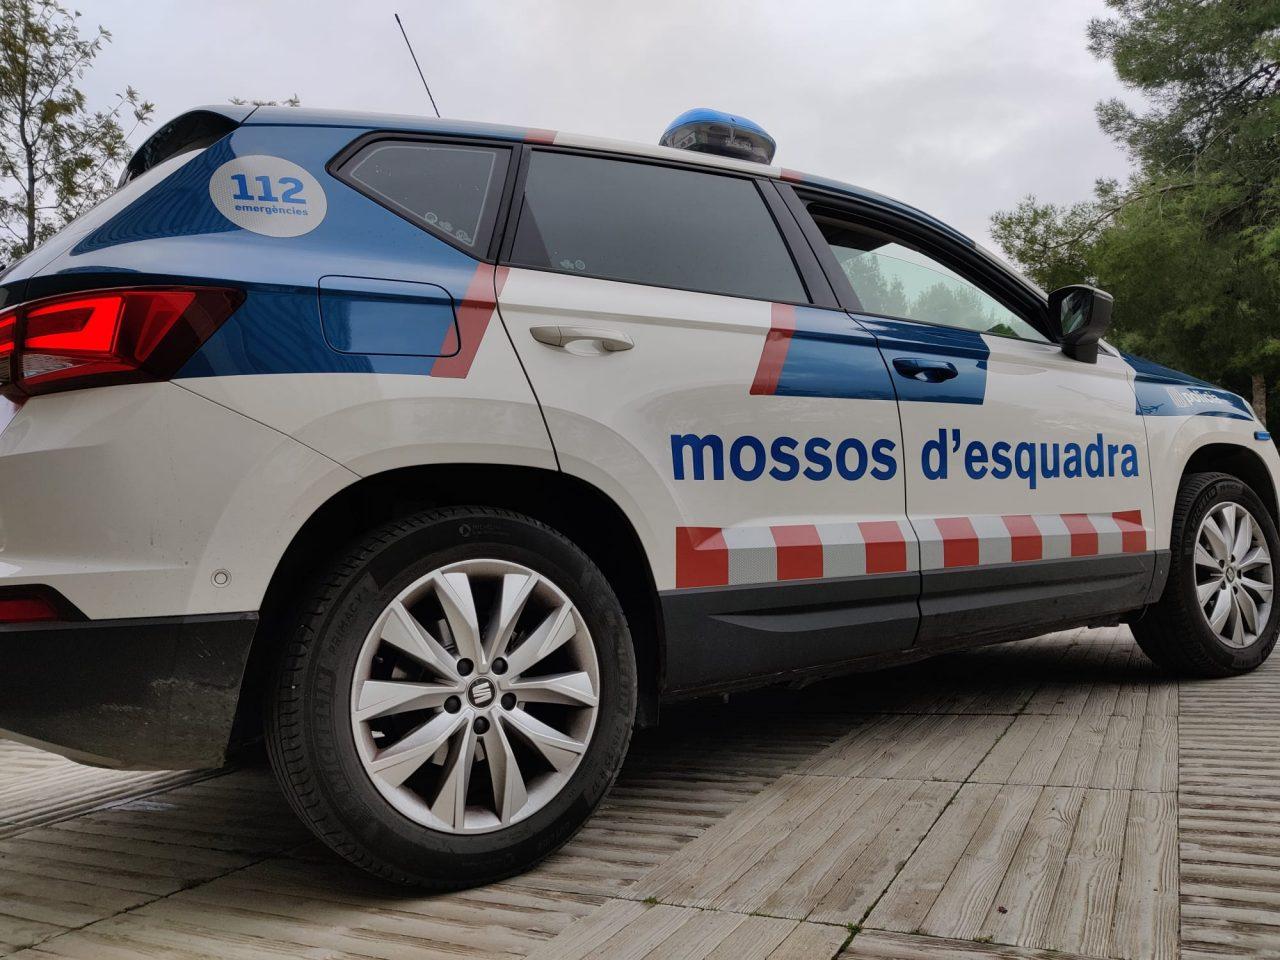 Cotxe-mossos3-1280x960.jpg